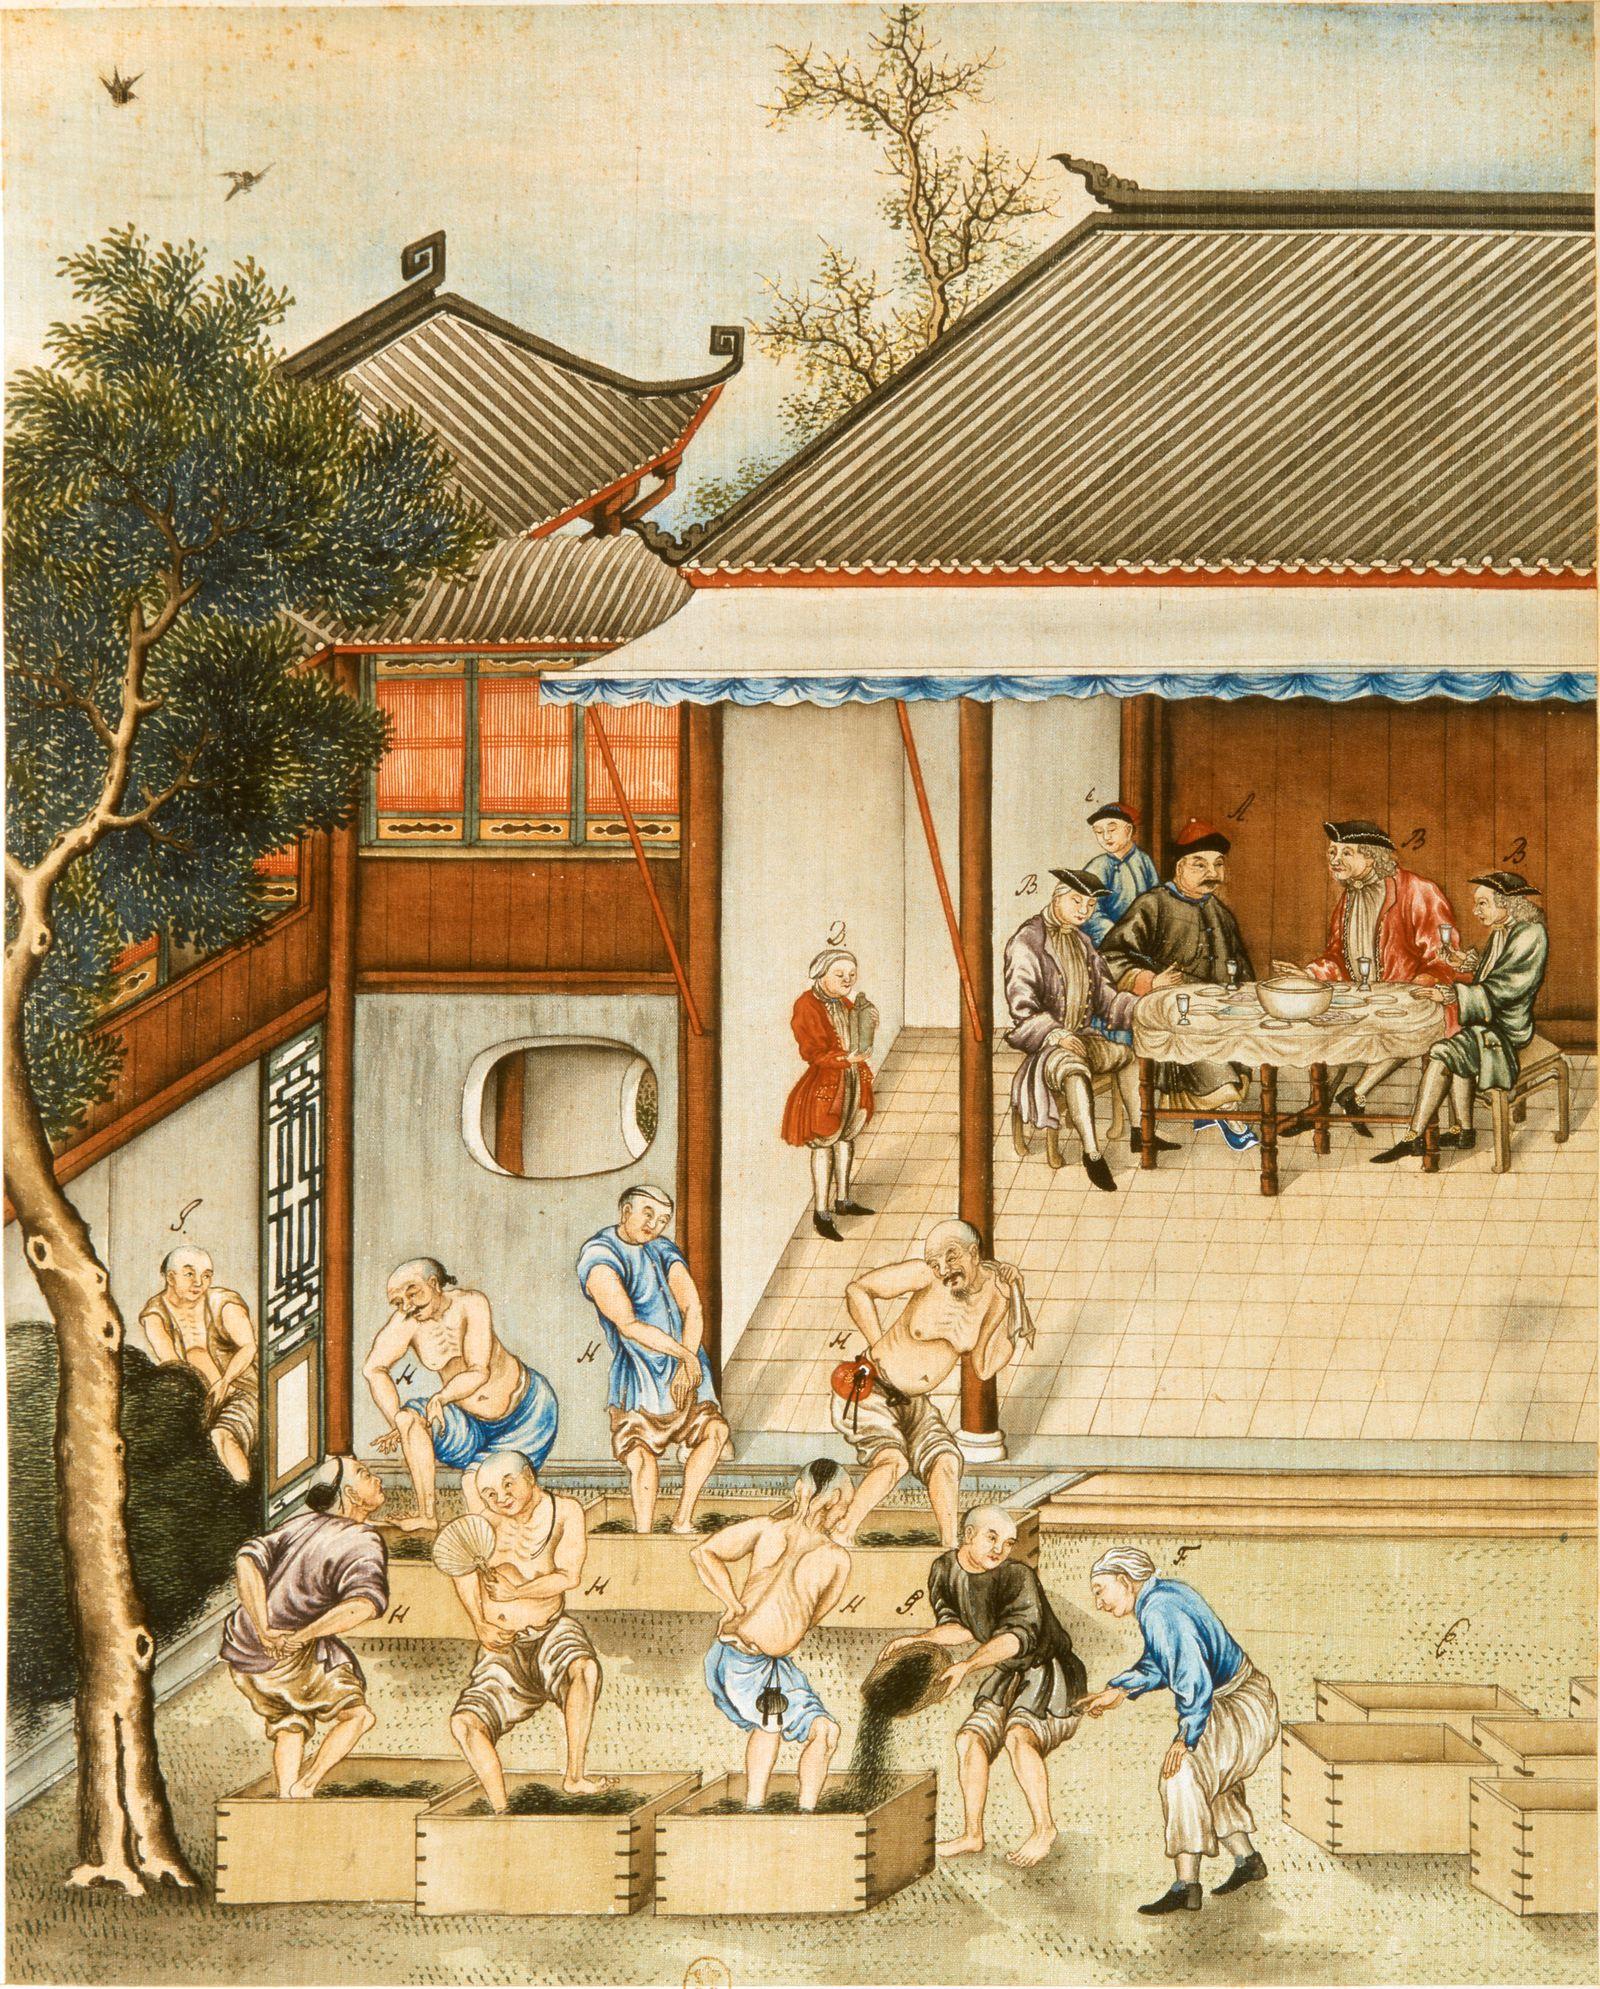 China, Europäer und Chinesen im Hafen von Kanton, Schwarztee in Kisten für den Transport nach Europa / Seidenmalerei 18. Jh.